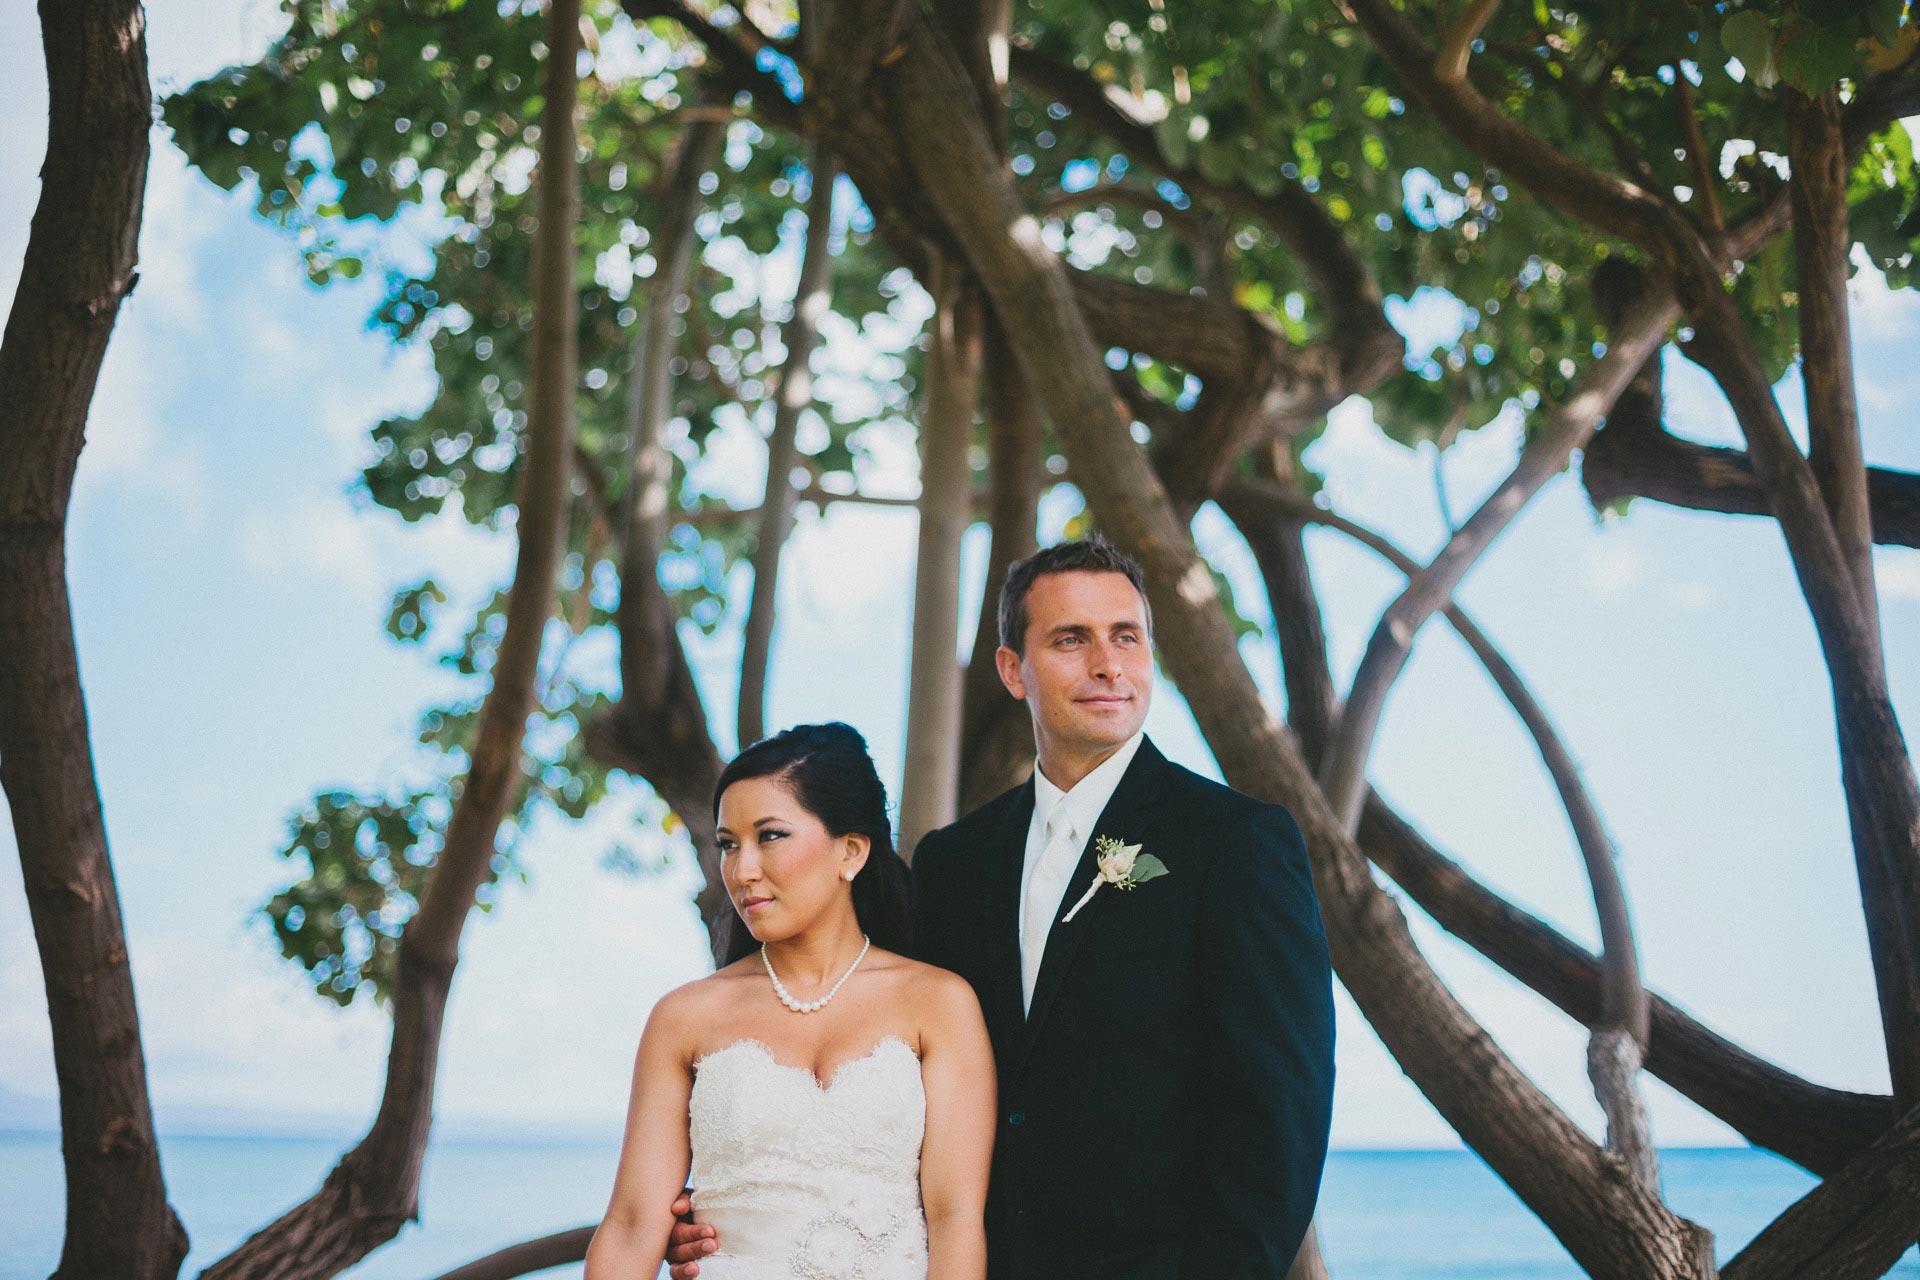 KW-Maui-Hawaii-Wedding-076@2x.jpg